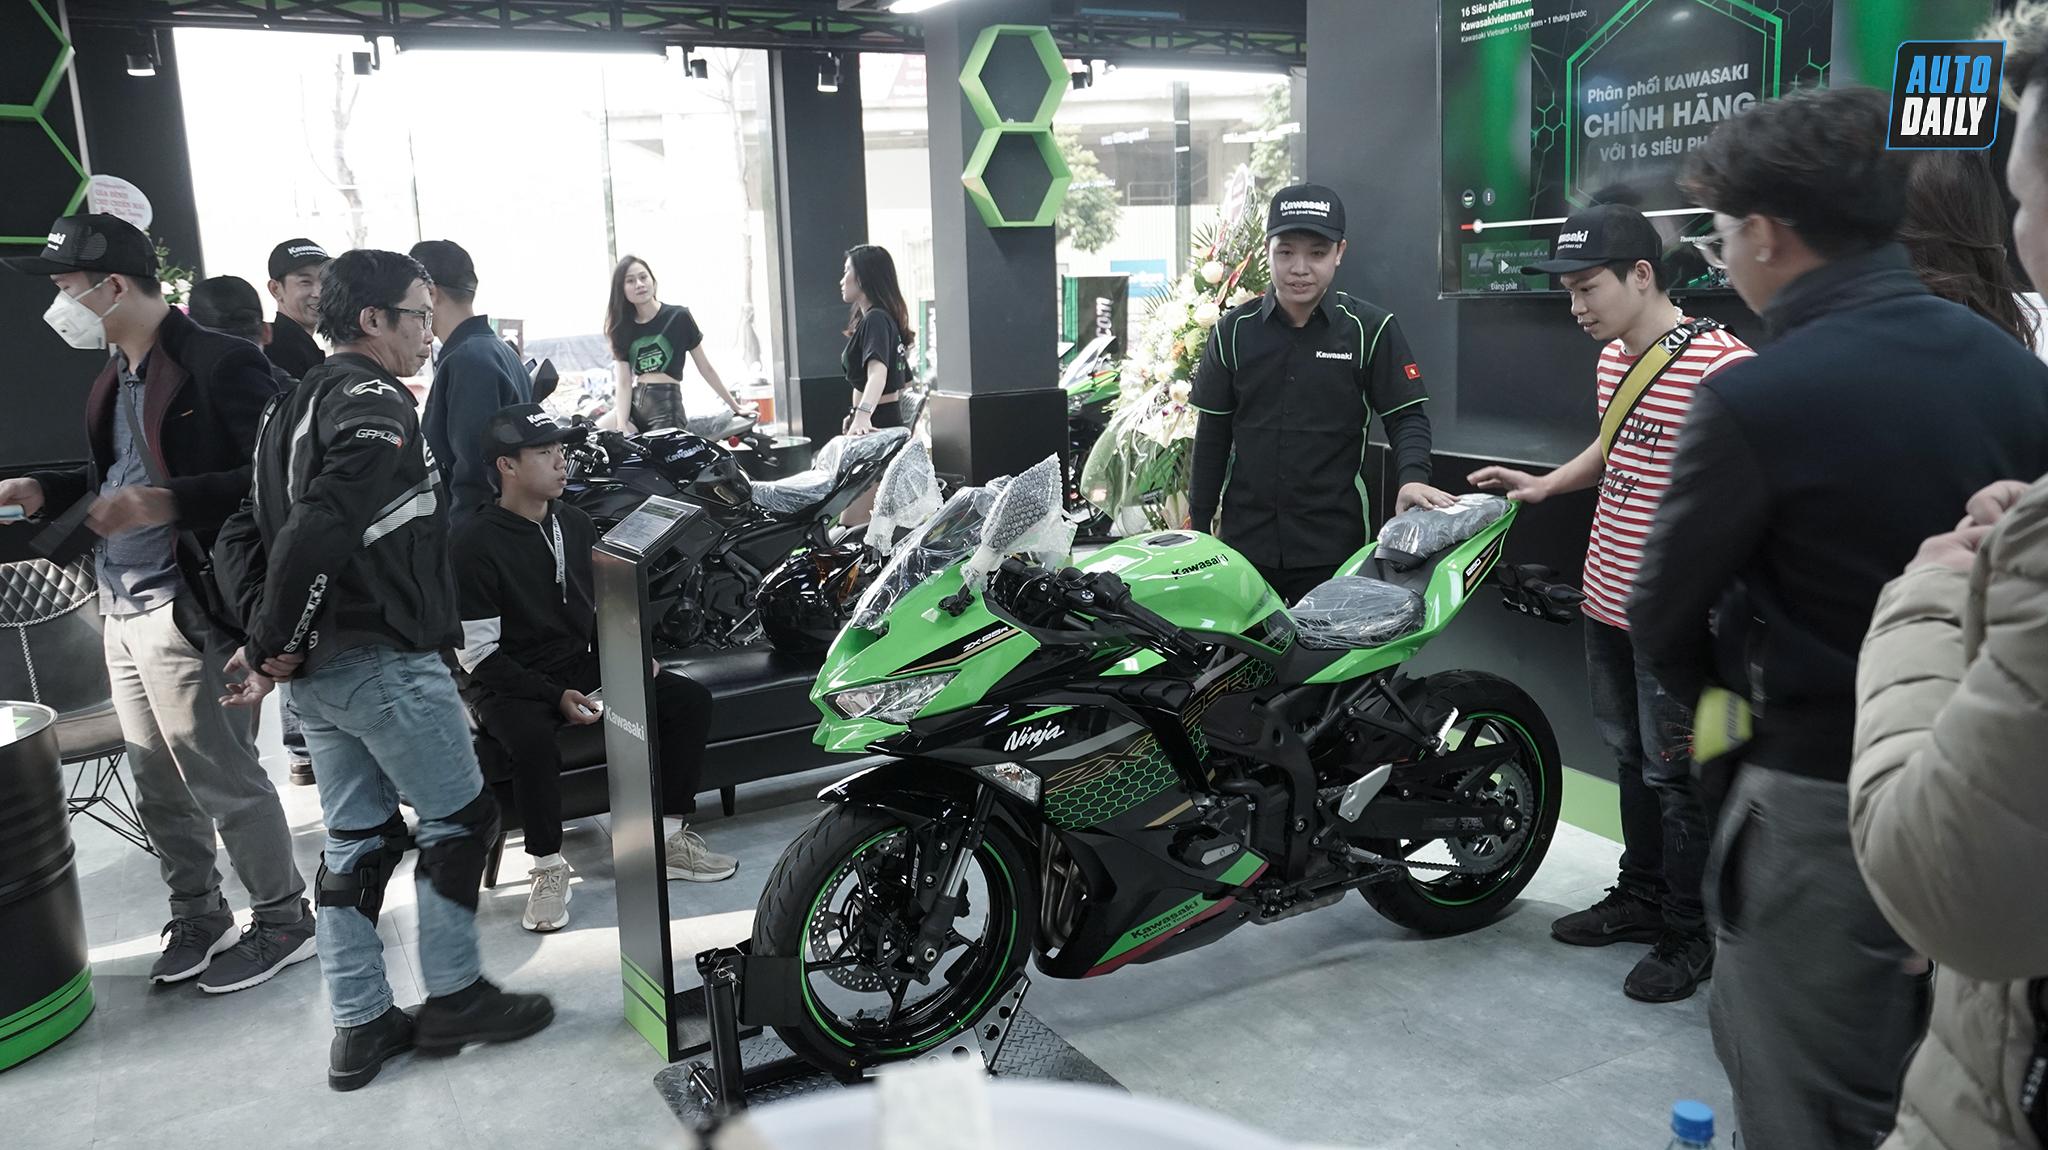 Khai trương showroom Kawasaki Thưởng Motor: Ưu đãi ngập tràn kawasaki-34.jpg